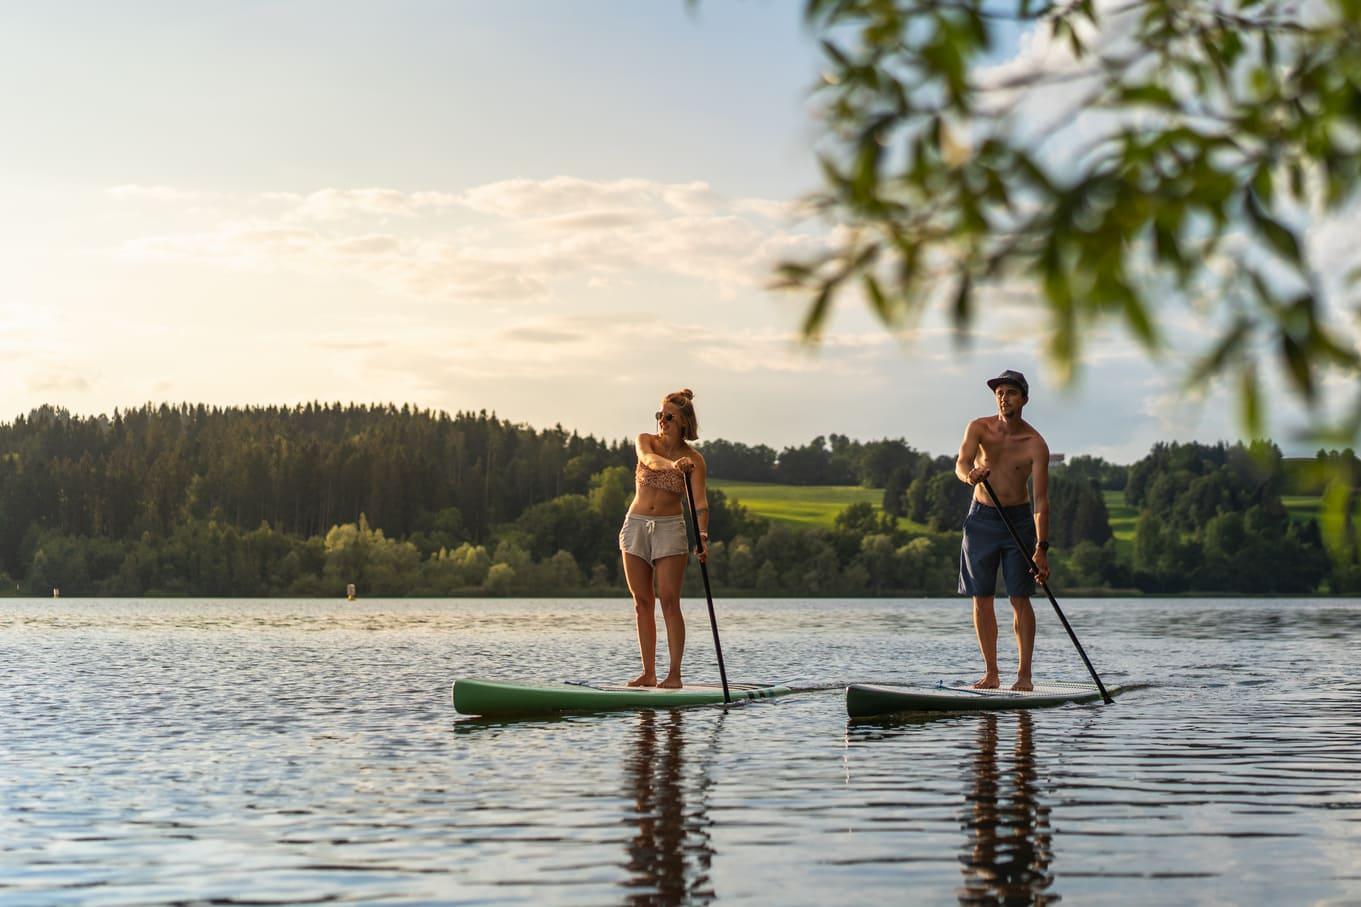 Ein Mann und eine Frau auf einem See beim stand up paddeln